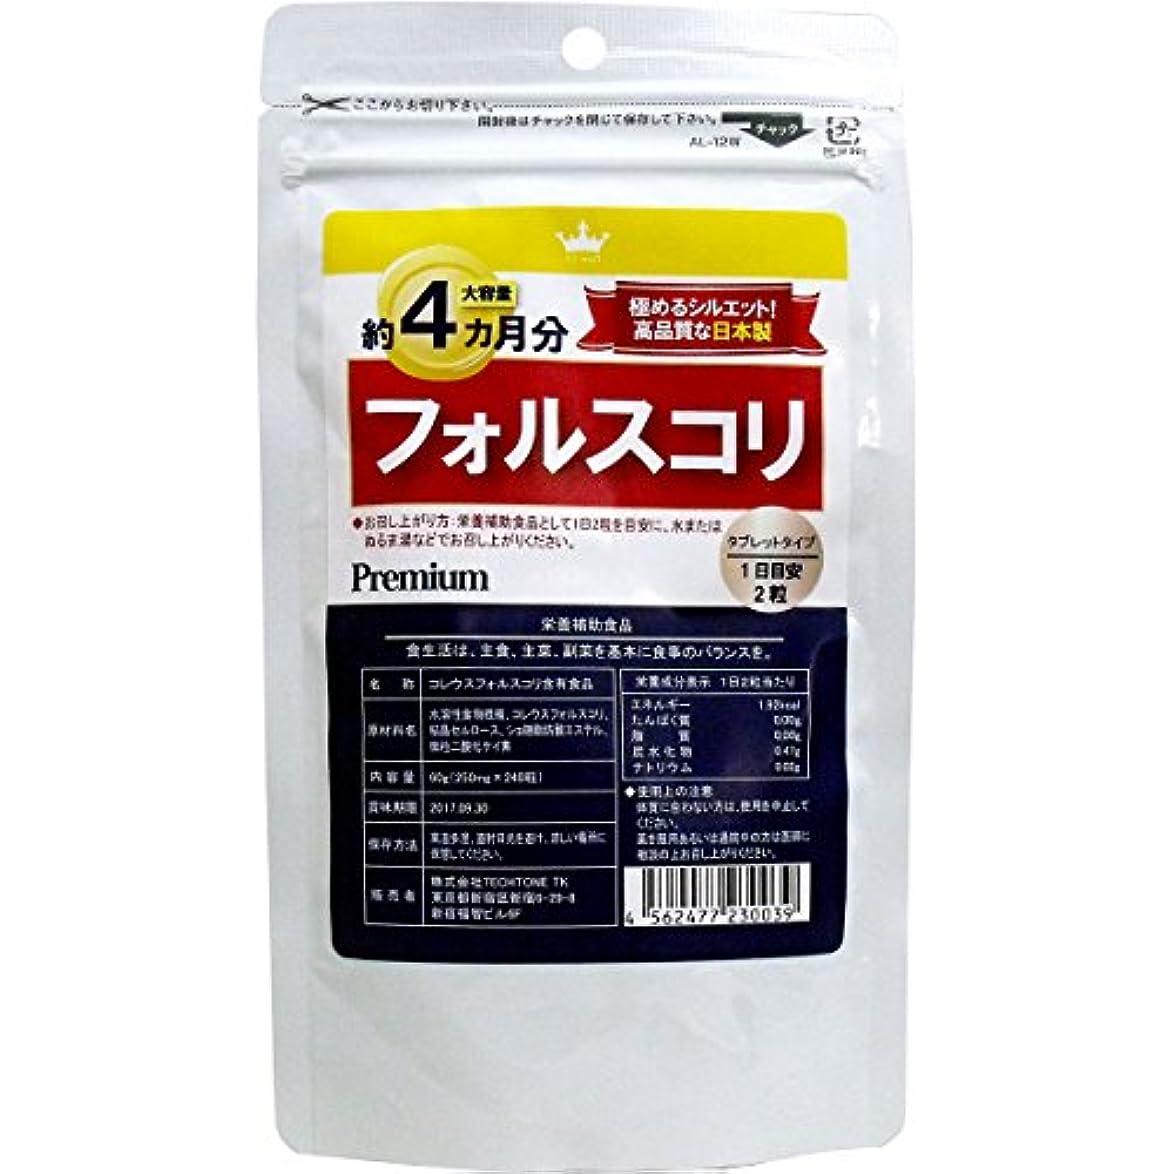 請求書スティーブンソンチャンピオンダイエット 高品質な日本製 人気 フォルスコリ 約4カ月分 240粒入【2個セット】